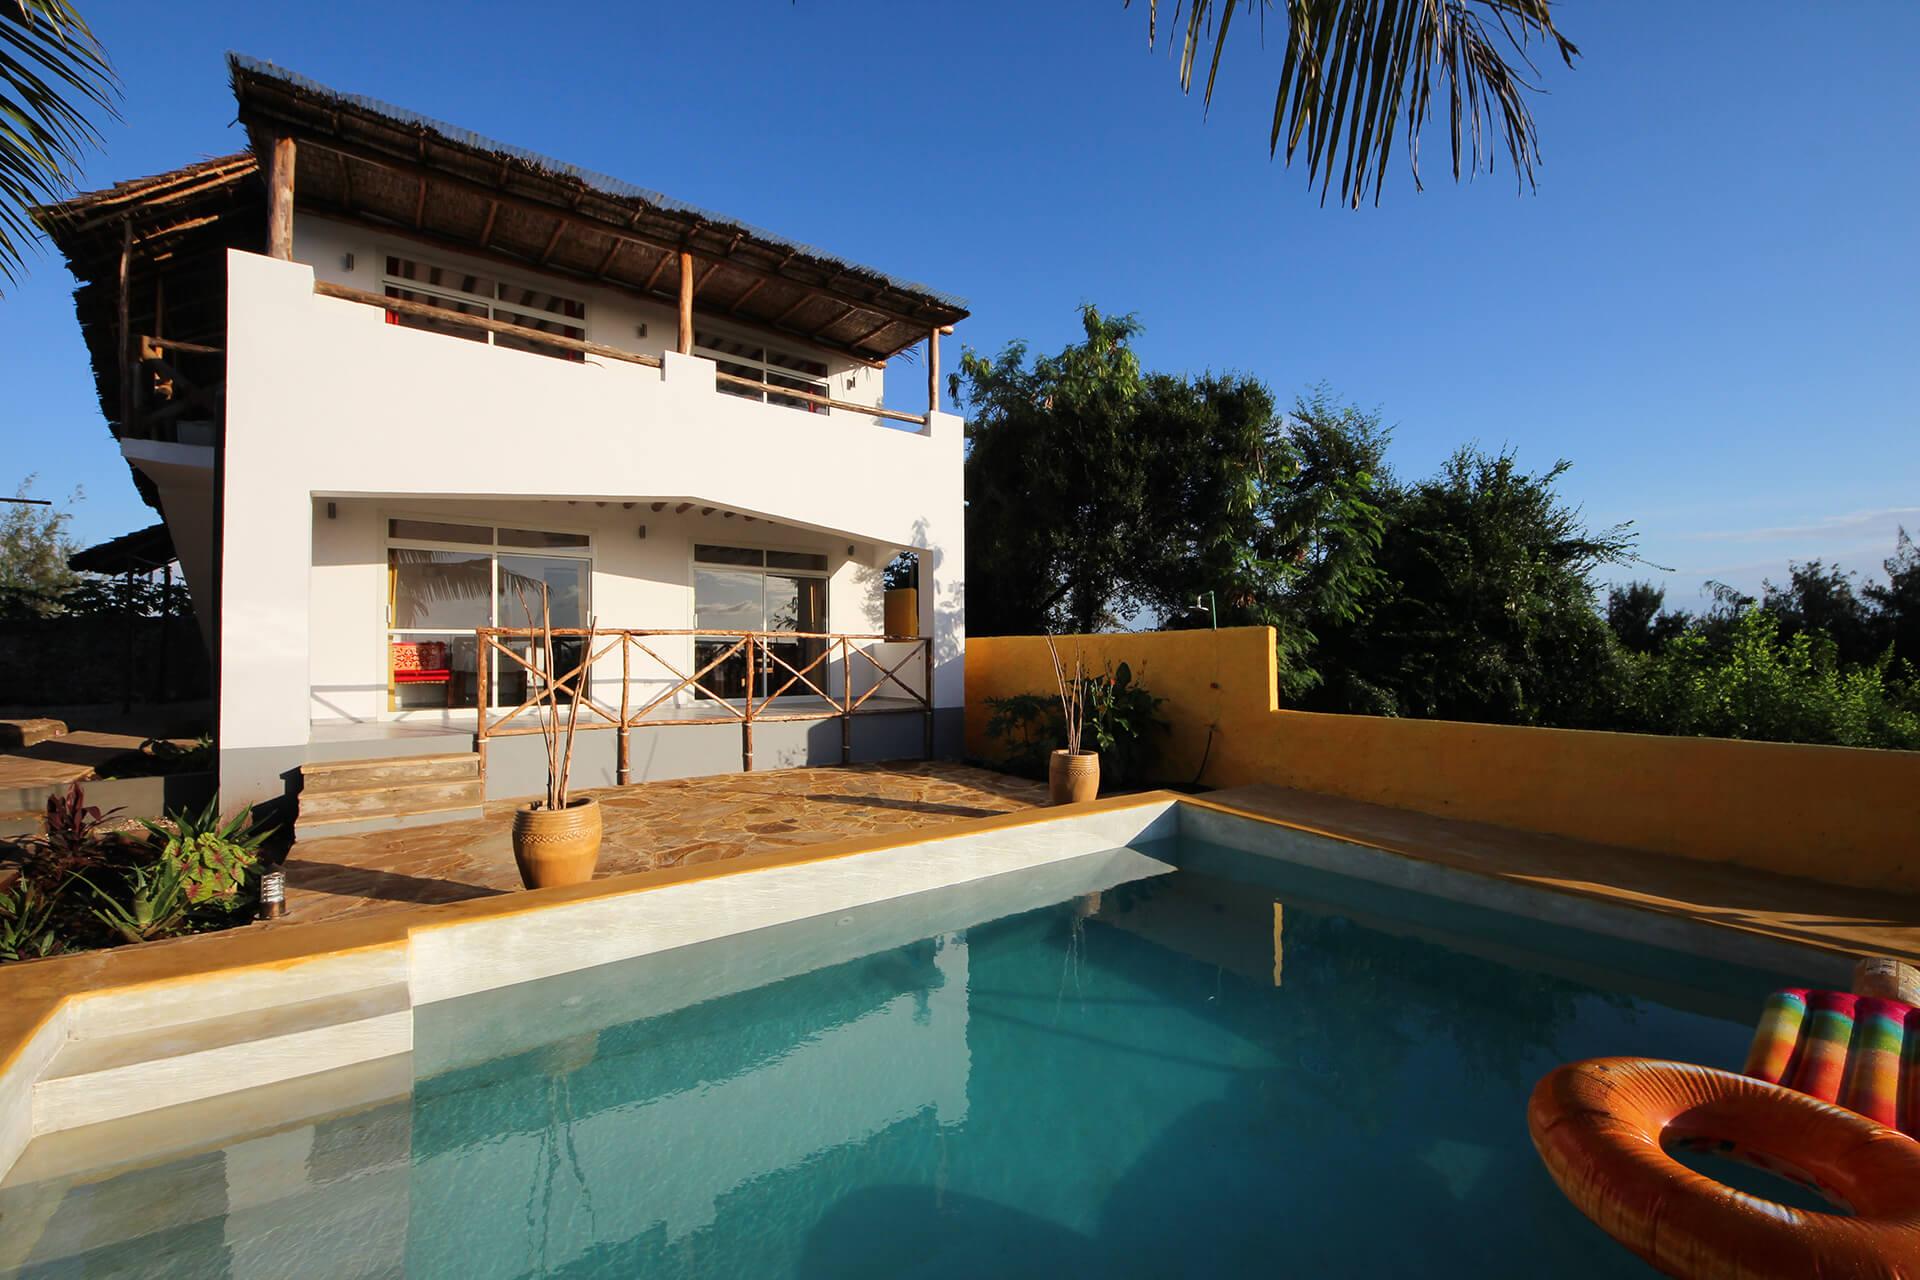 Appartamenti con piscina 4 Maisha Marefu a Kiwengwa Zanzibar